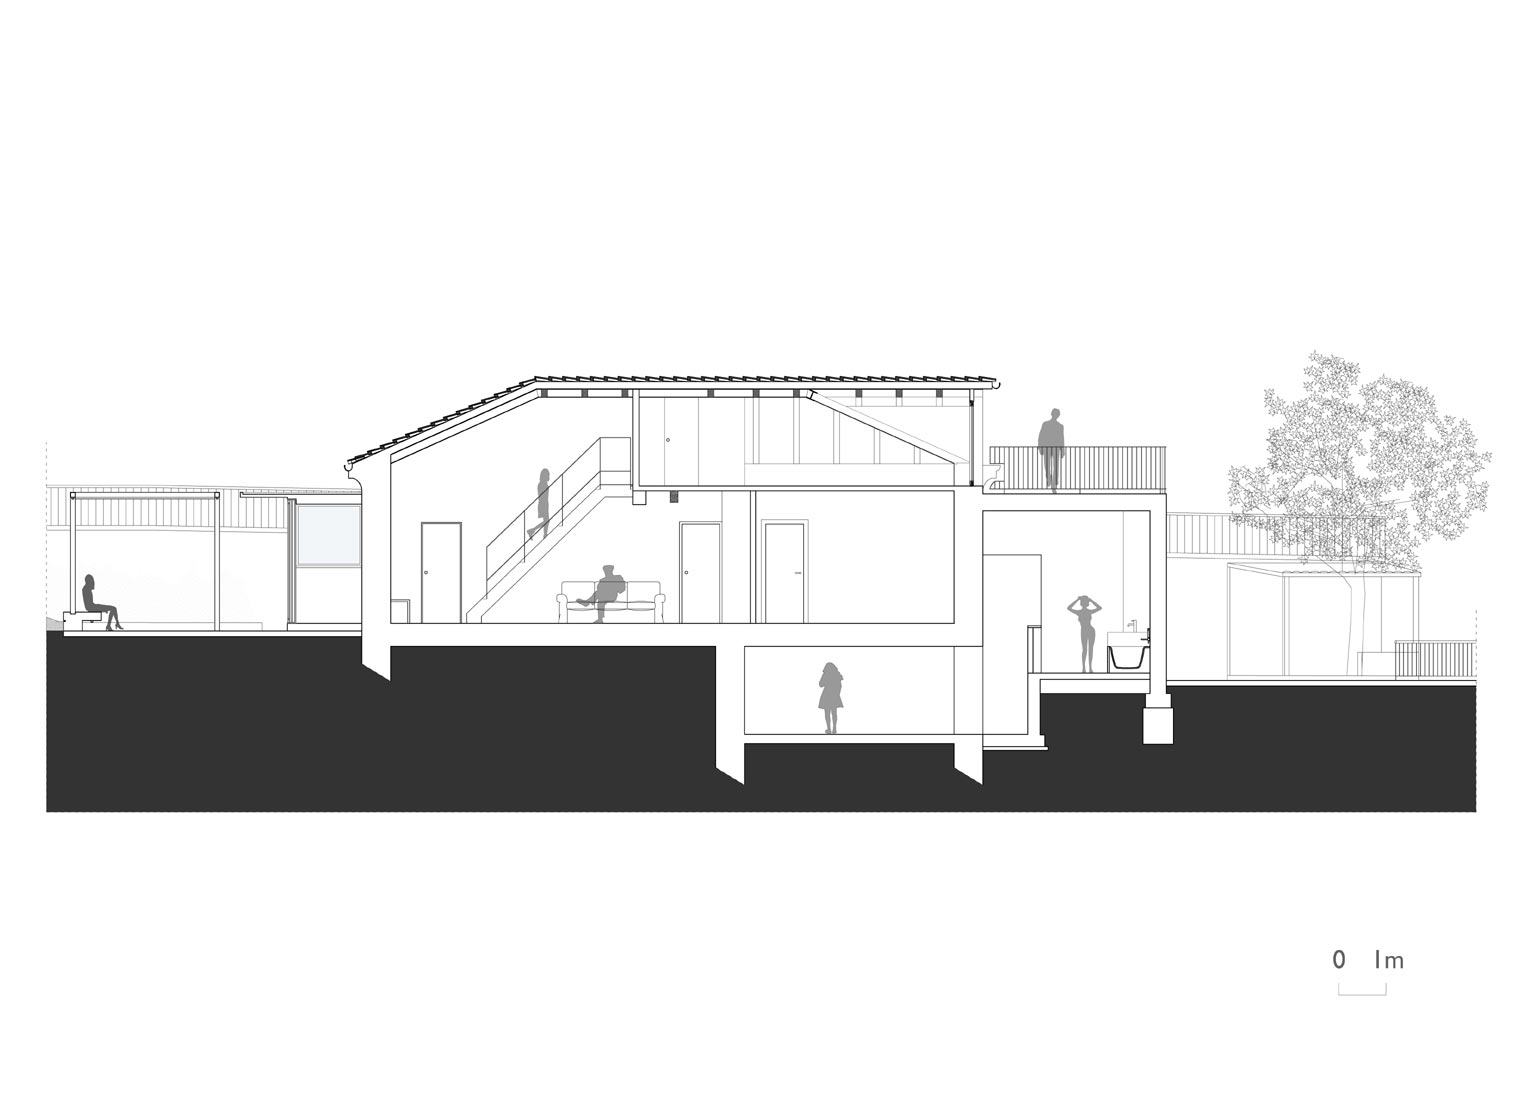 vk-architetti_bonafata_sez